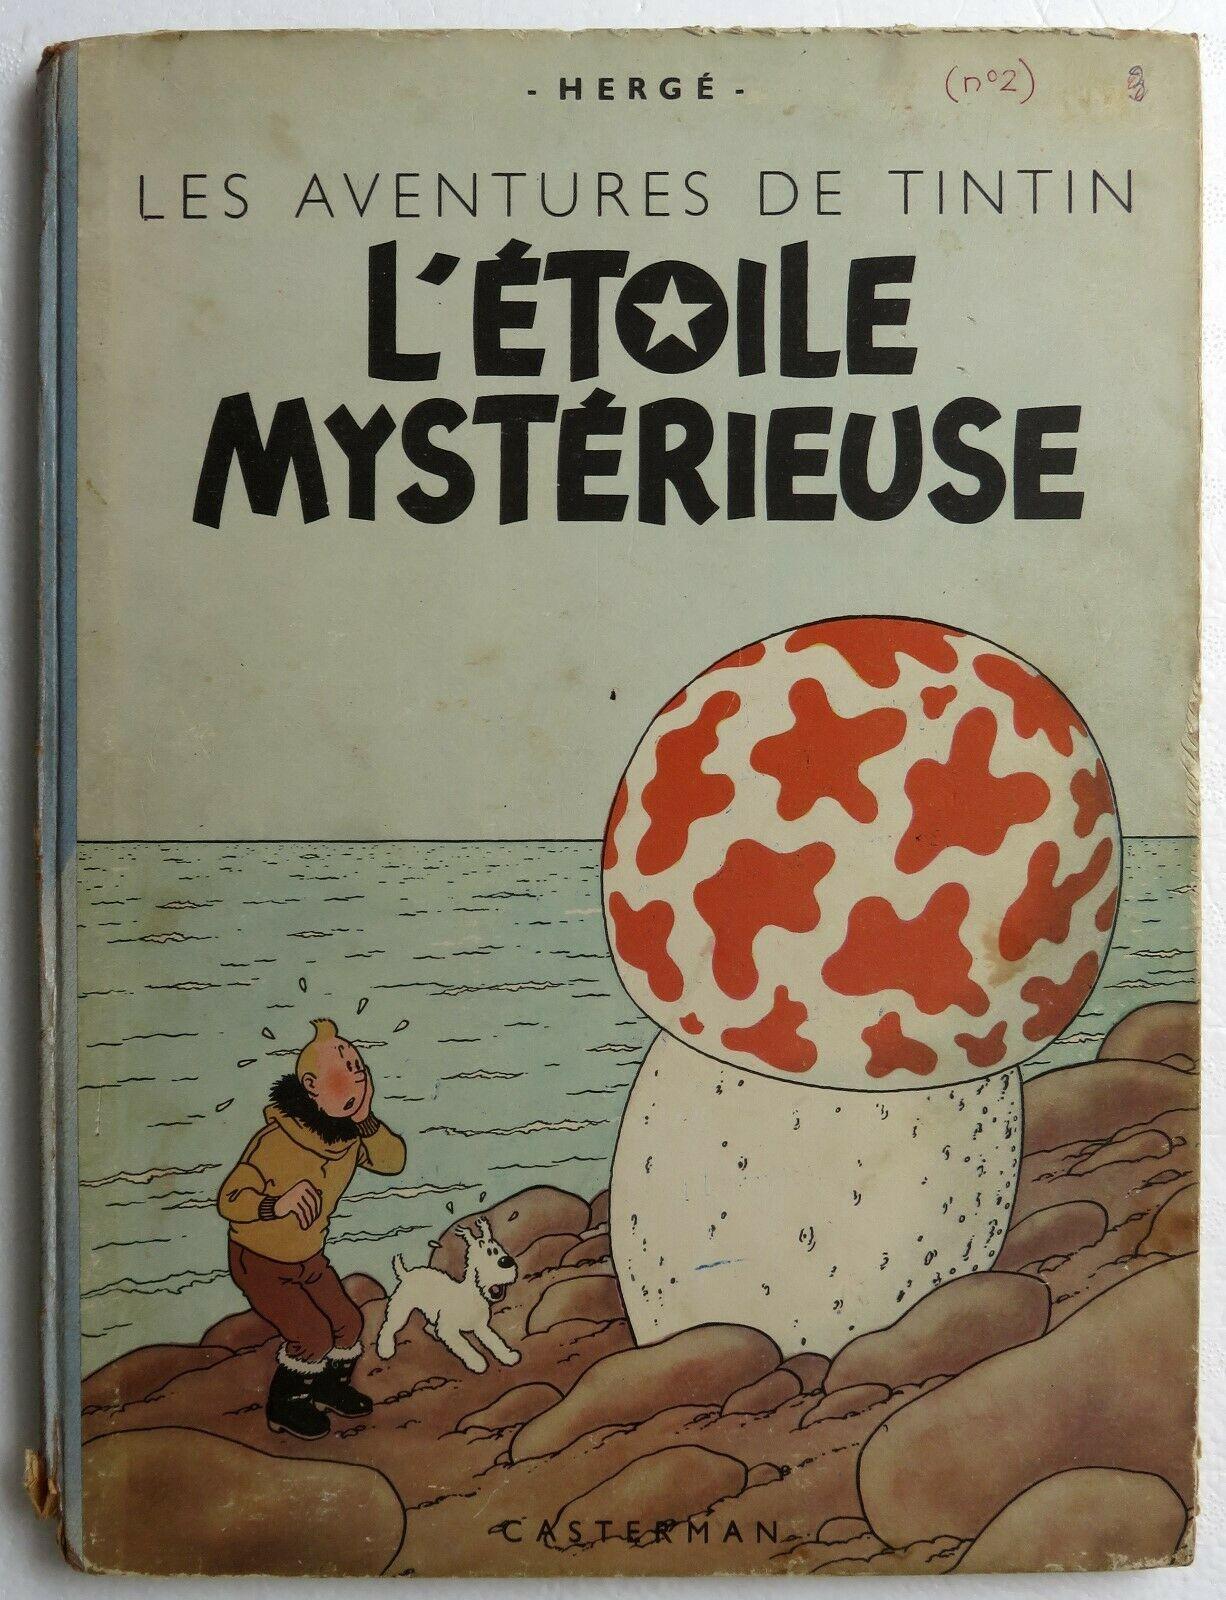 Les aventures de Tintin par Hergé, L'étoile mystérieuse - 1946